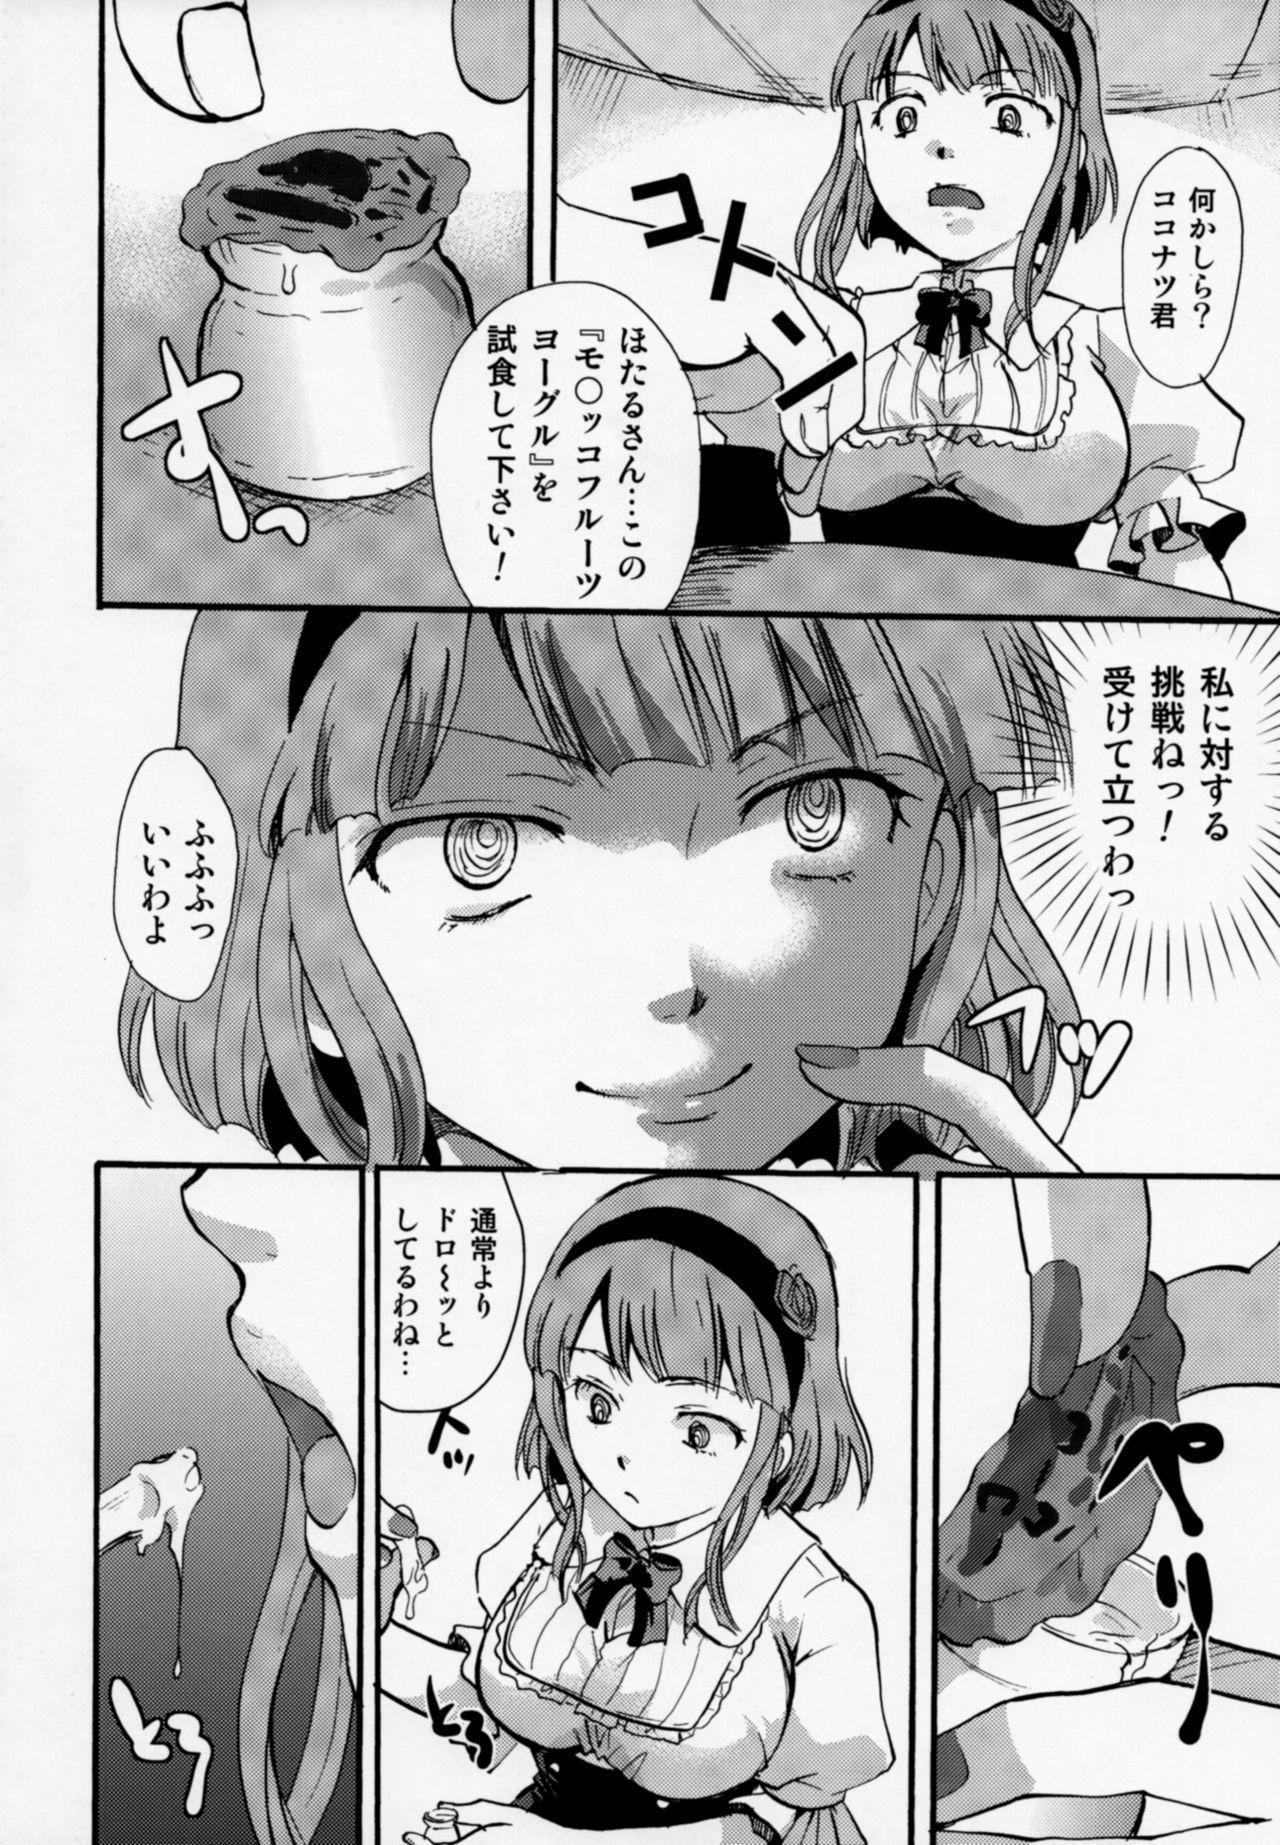 Muchi Shichu to Shoku Zato Kurocchi Shasei Dake! 20